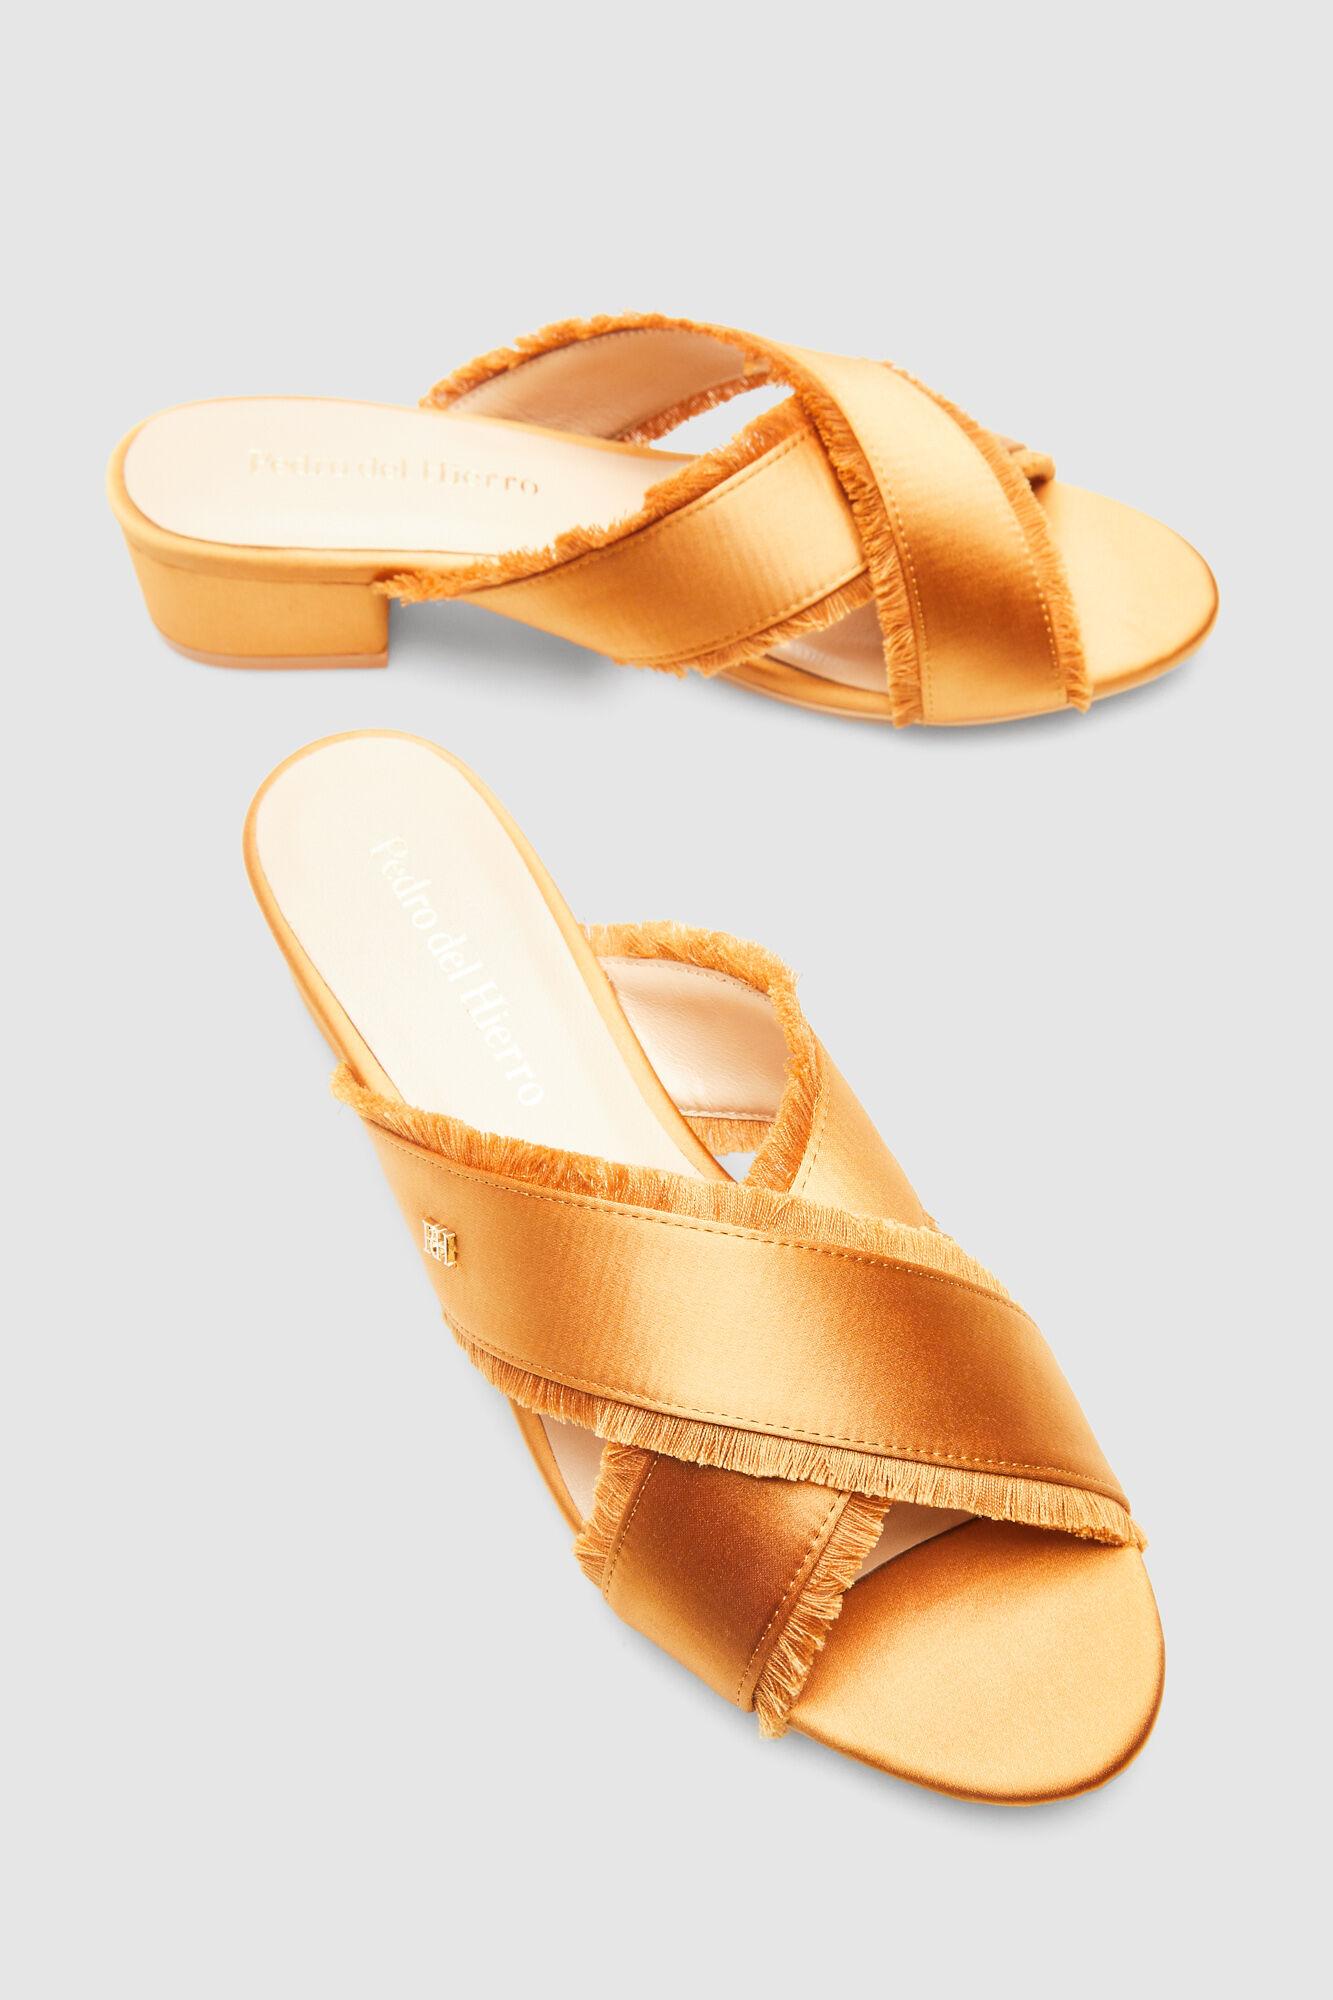 Zapatos Hierro De De MujerPedro MujerPedro Del Zapatos q35ARj4L